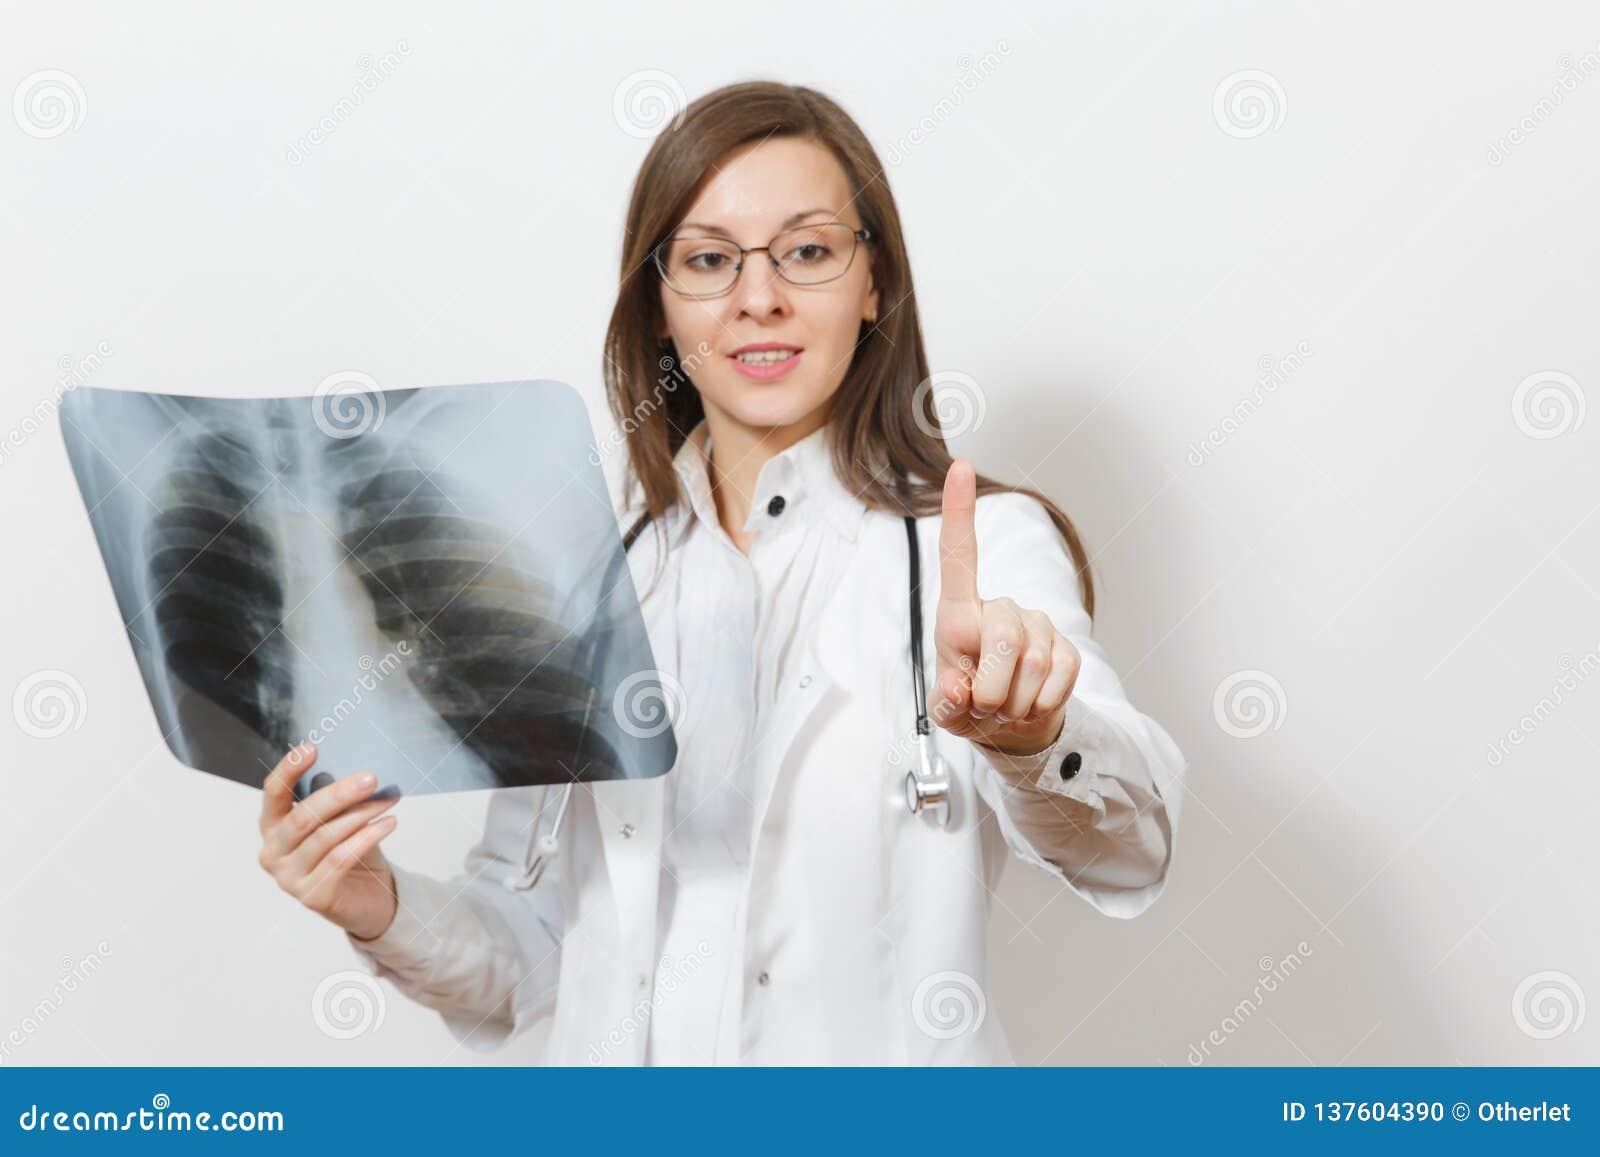 医生妇女接触某事象在按钮上,在白色背景隔绝的肺fluorography伦X-射线的点击 女性